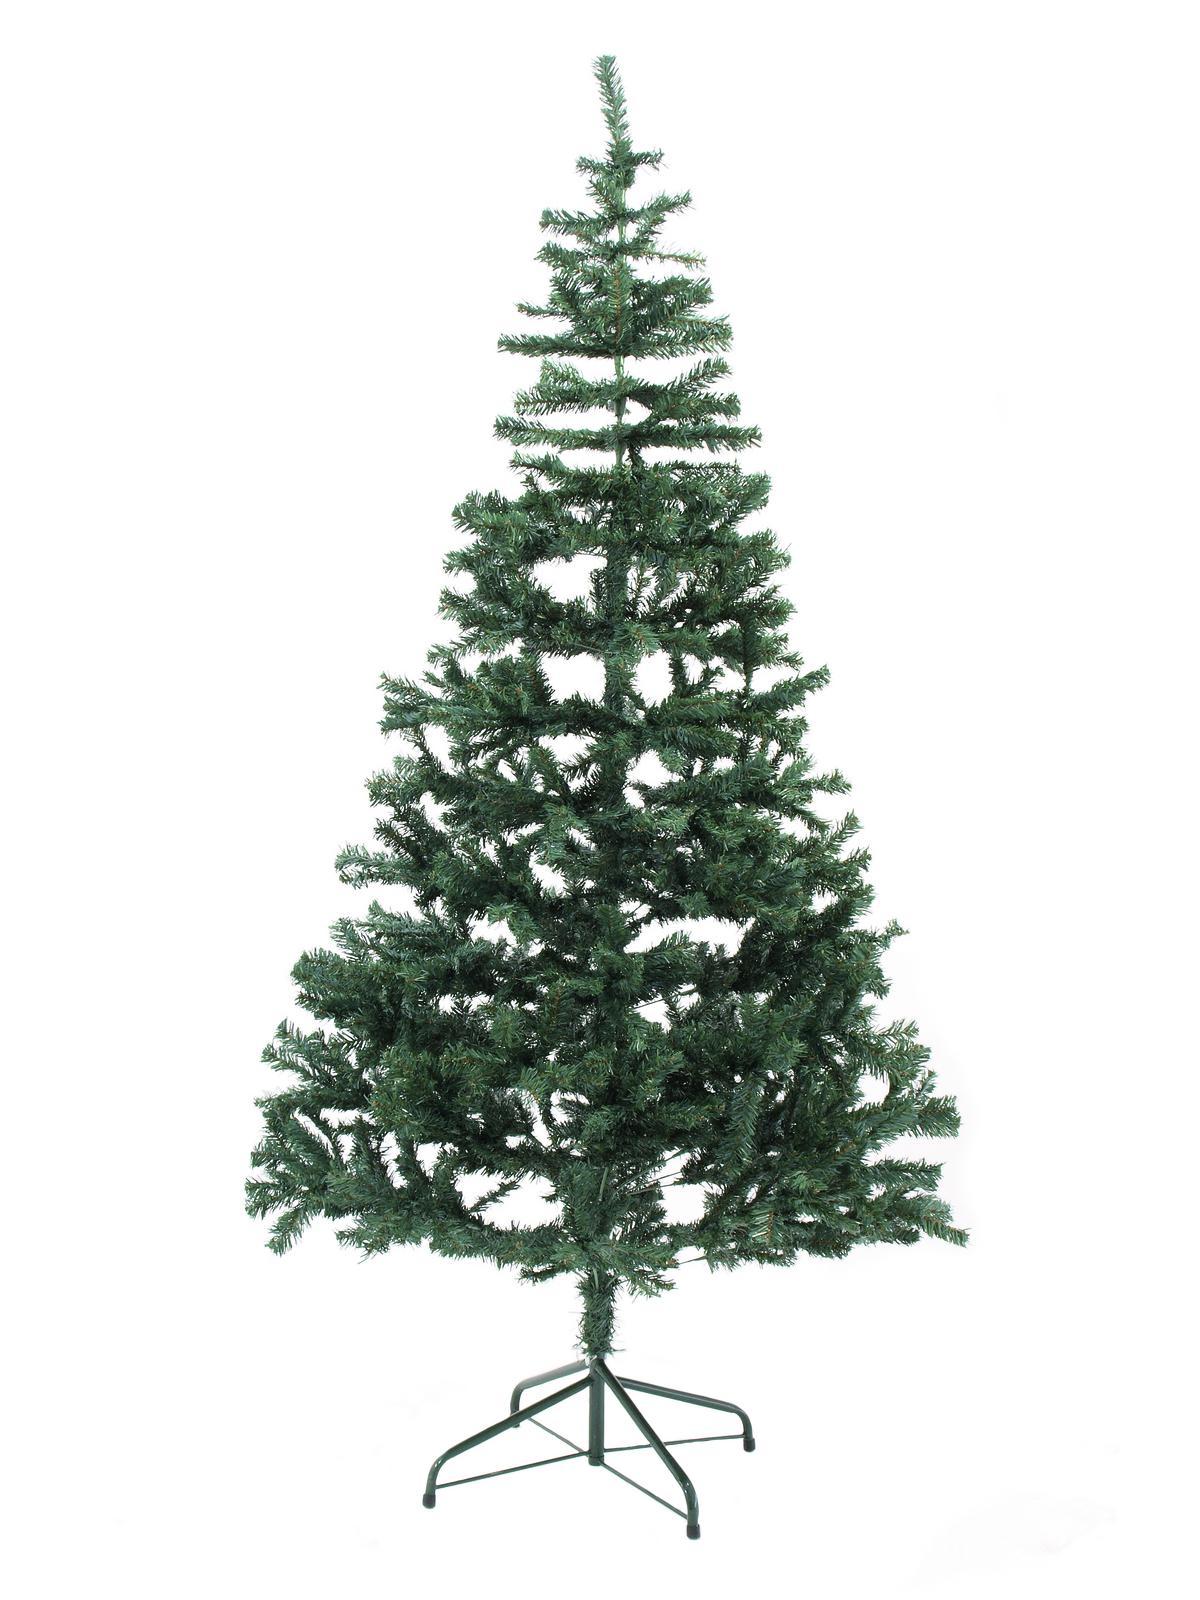 albero di natale finto artificiale 300cm con base